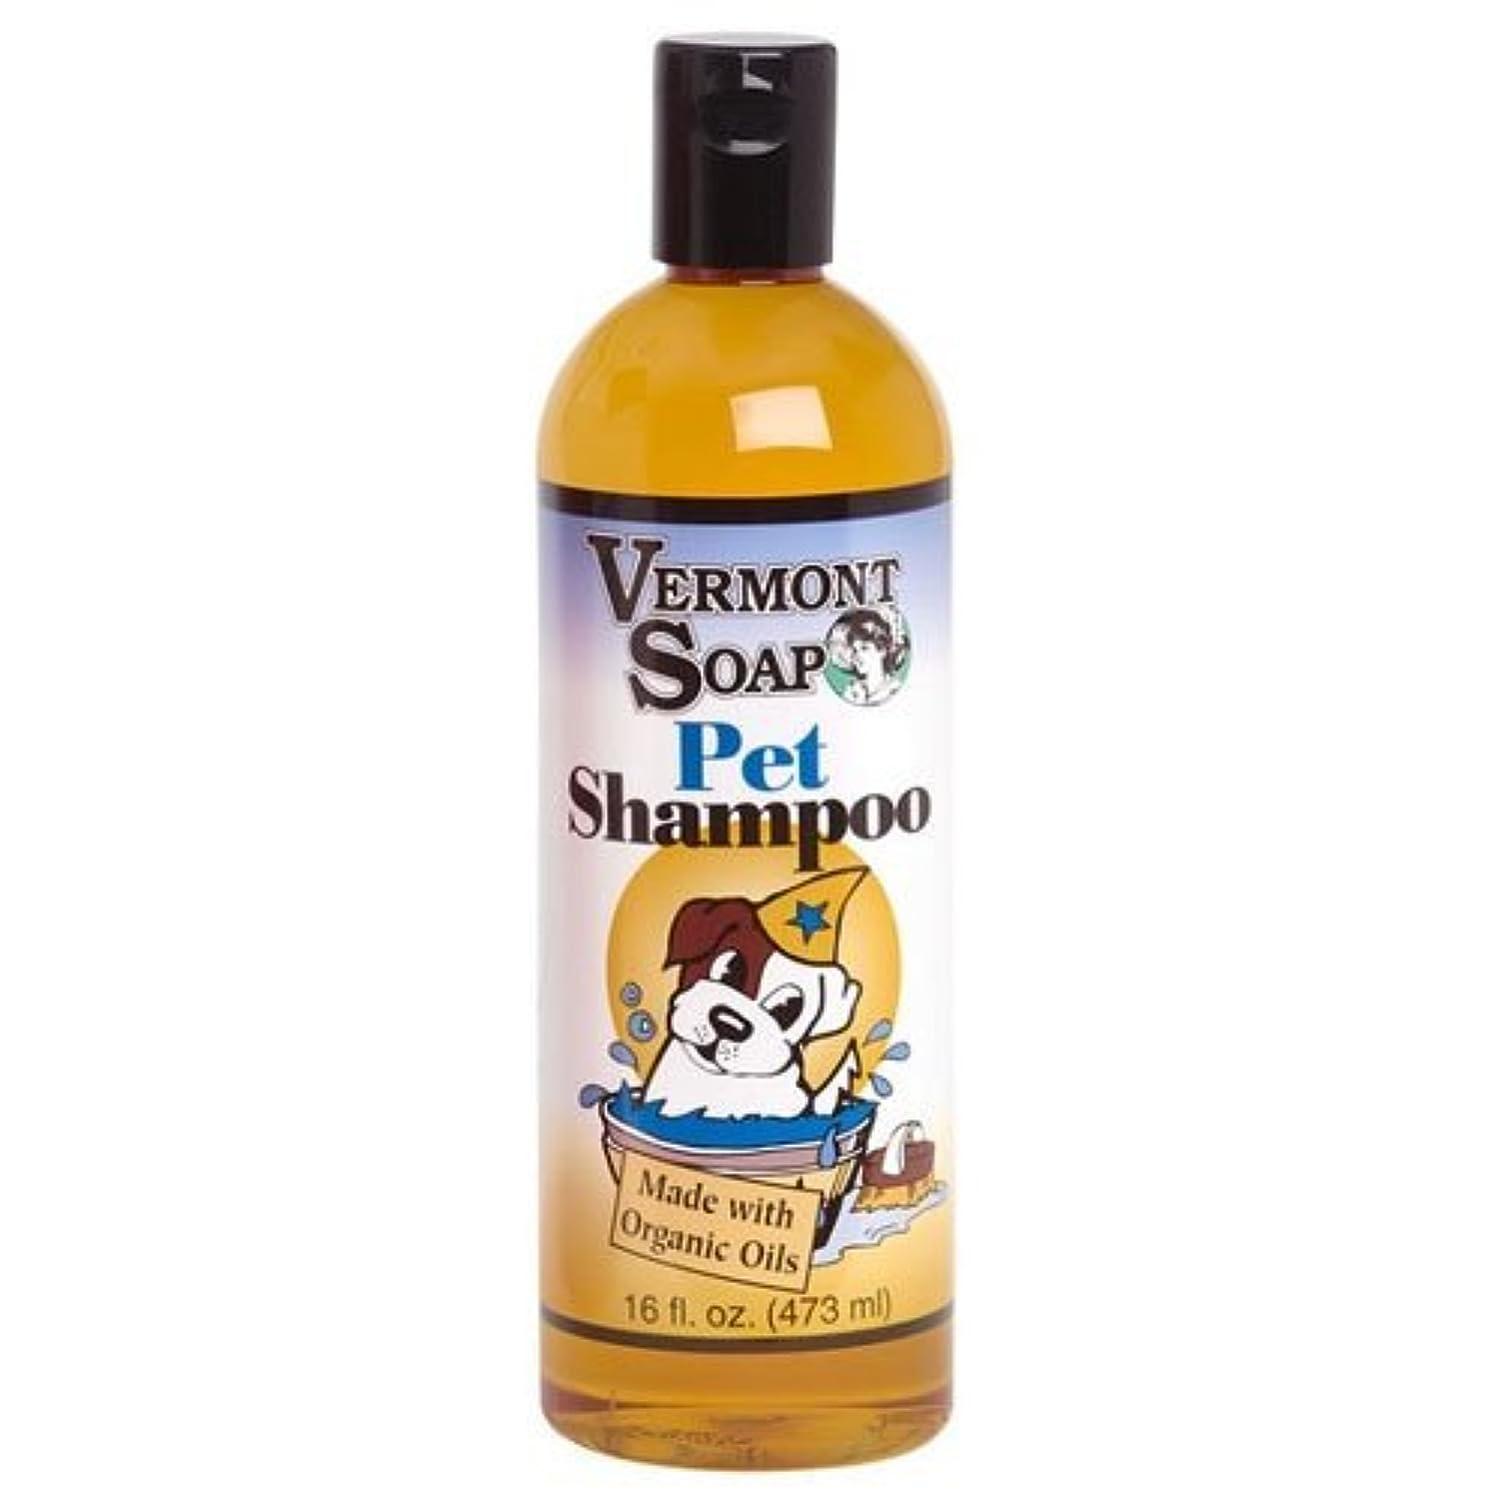 カップル代替回復バーモントソープ オーガニック ペットシャンプー Pet Shampoo